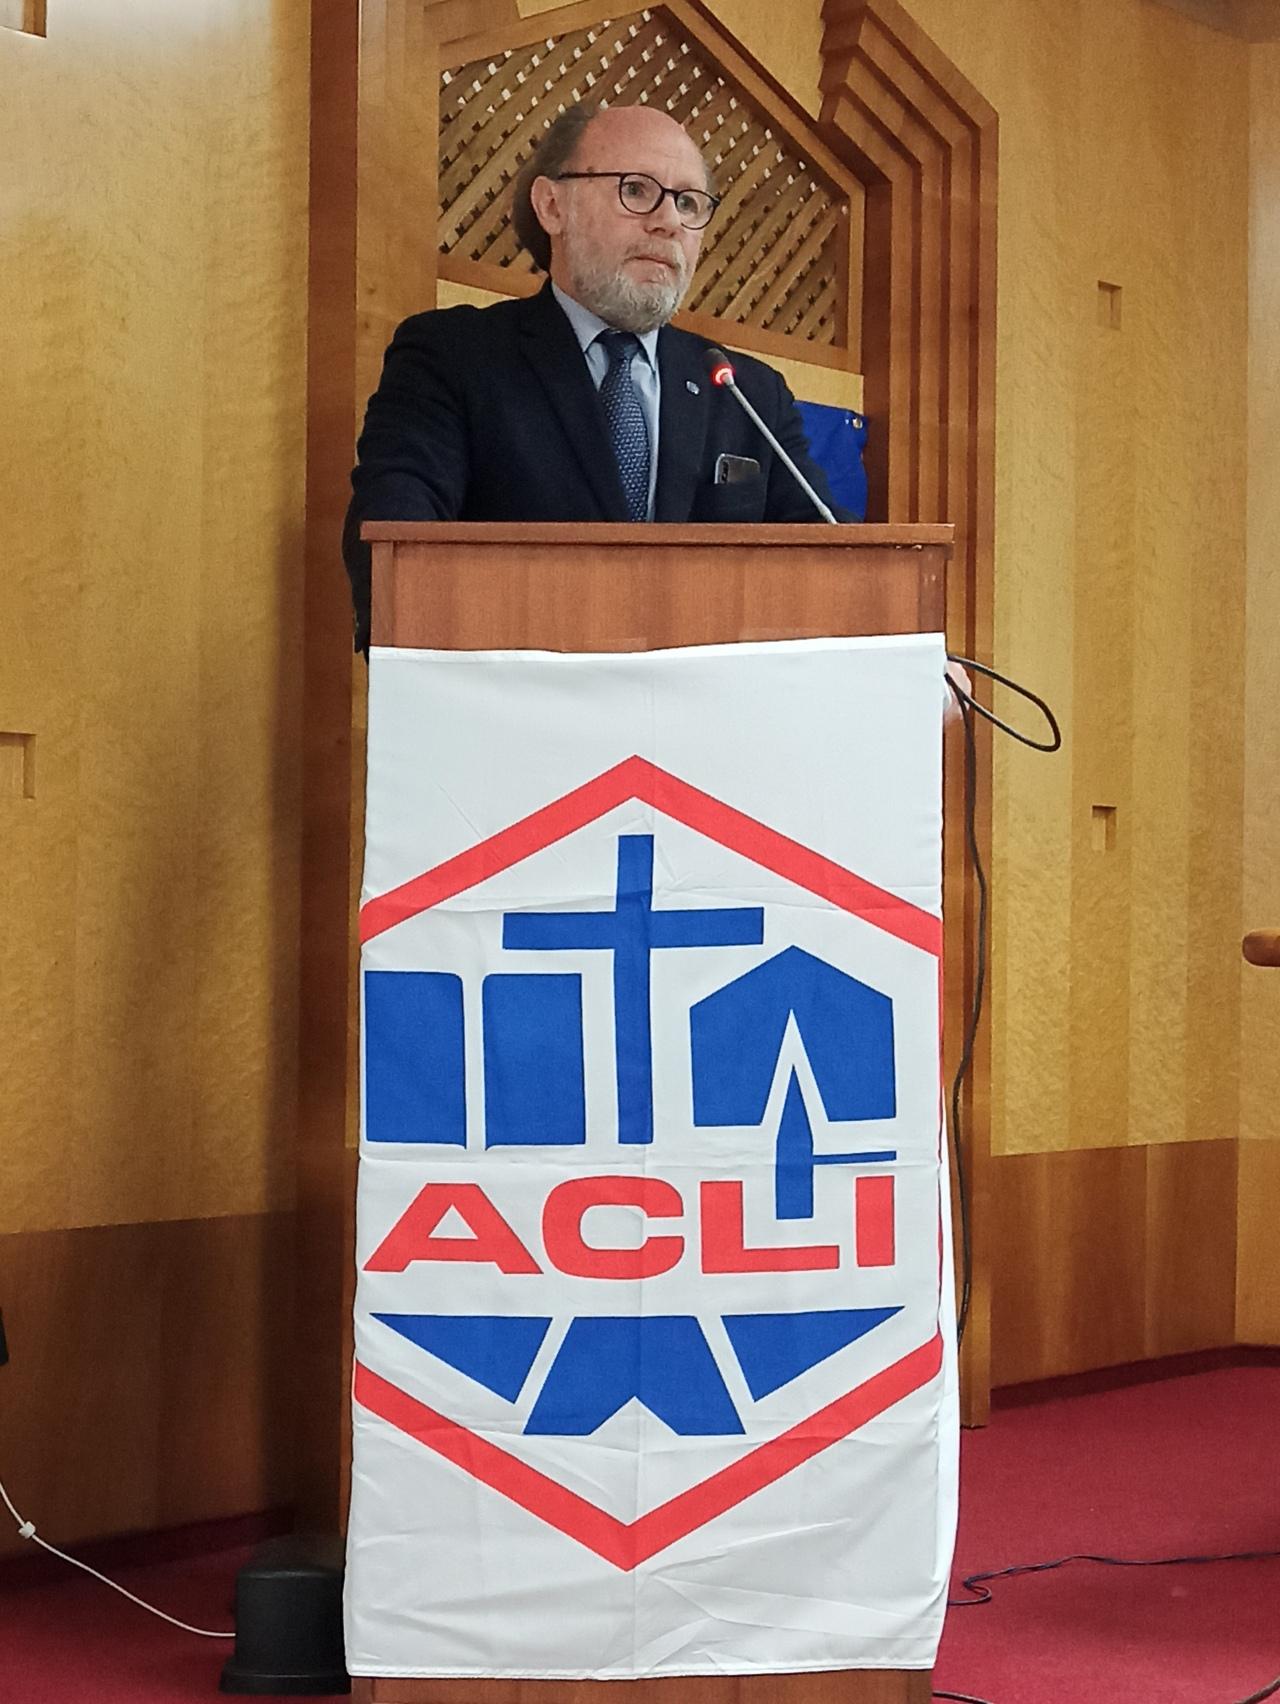 XXVII° Congresso Acli Latina: Giampaolo bonfiglio (consiglio consultivomediterraneo)